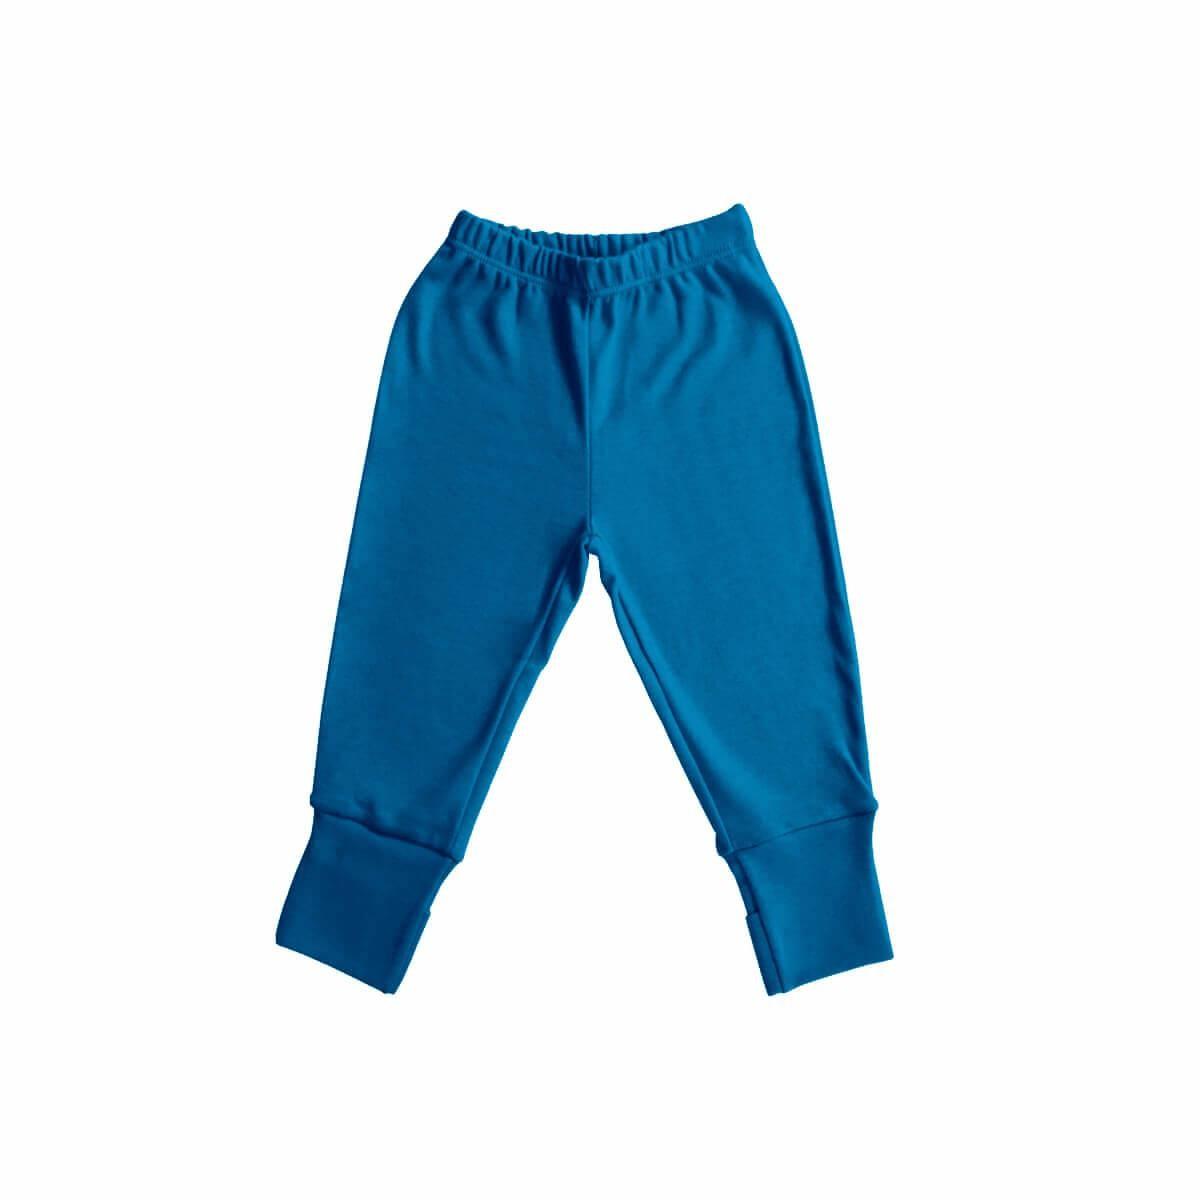 Calça com Pezinho Reversível Azul Cobalto  - Piu Blu